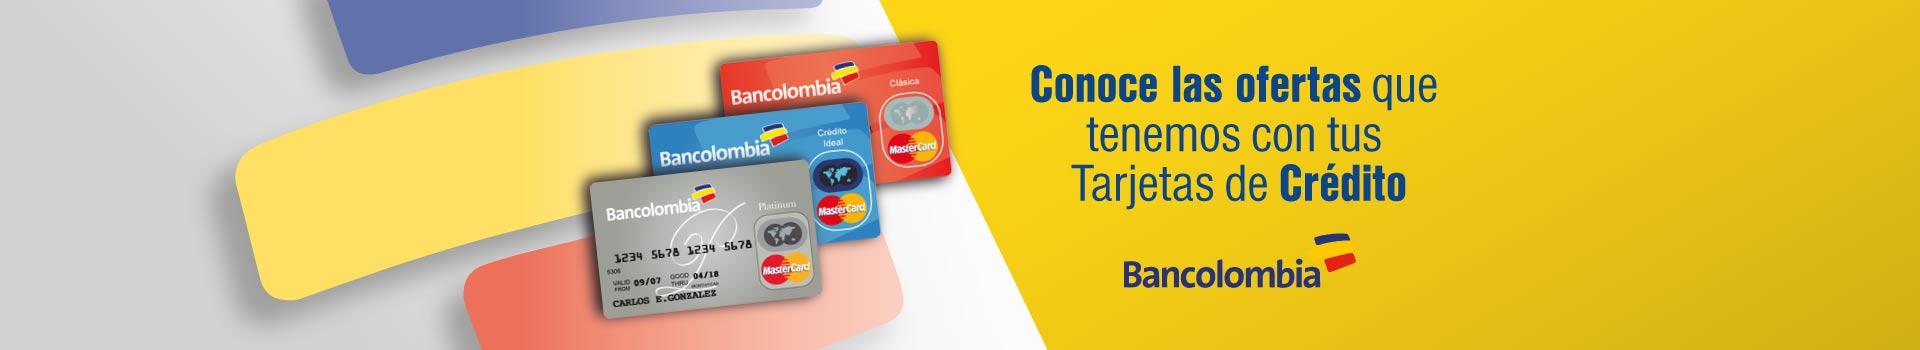 AK-KT-Banco-Bancolombia-General